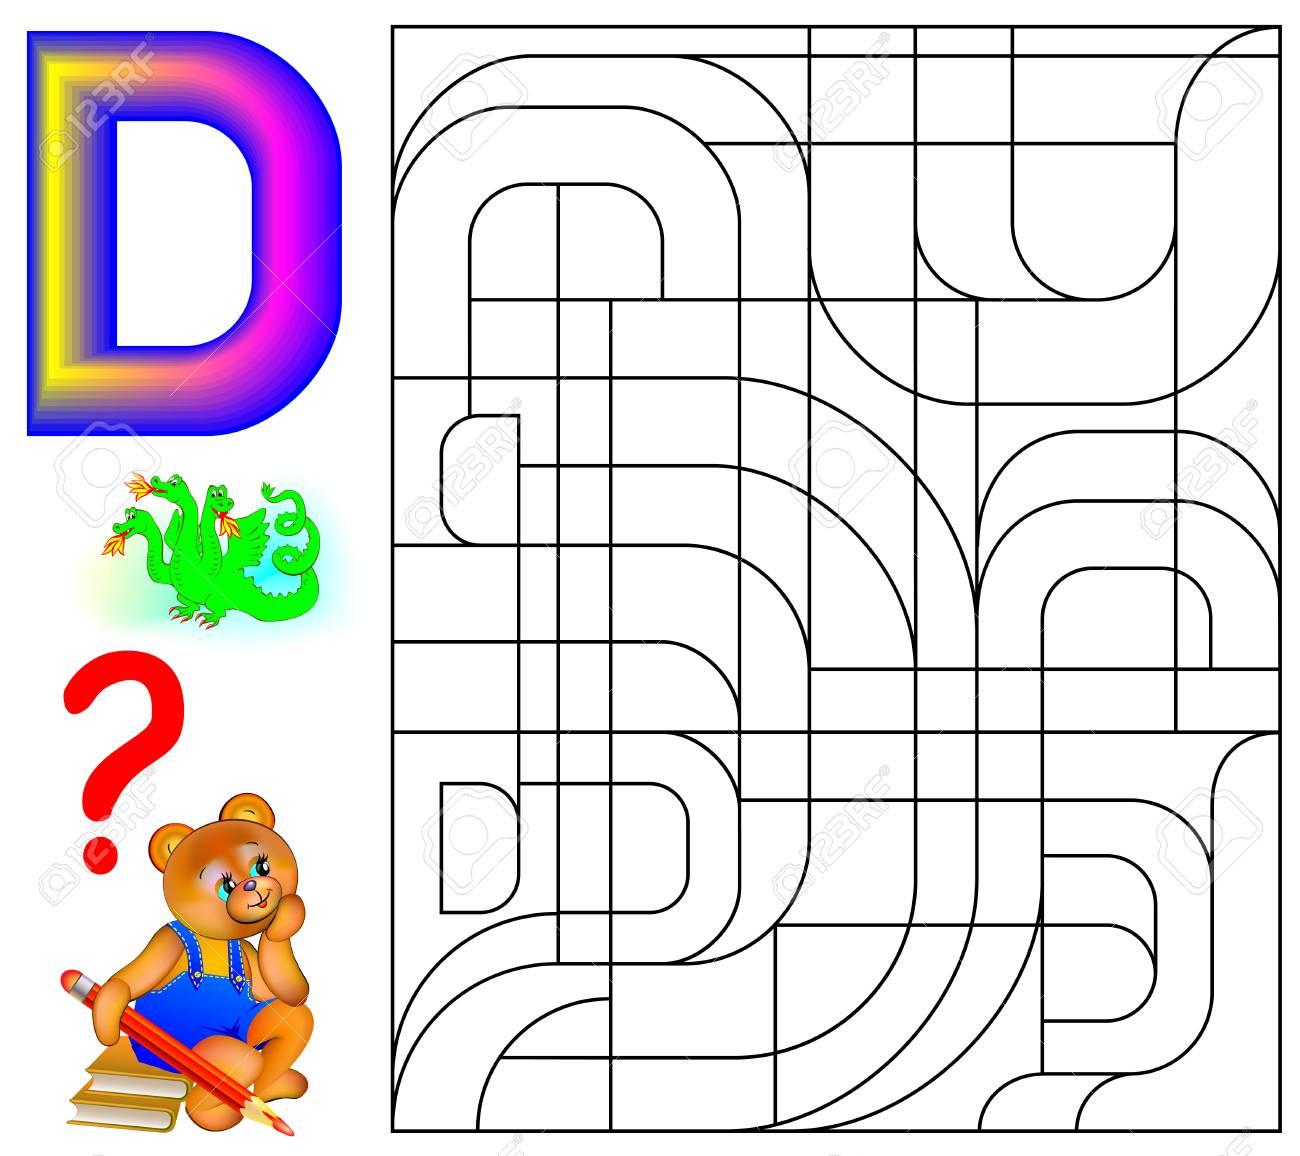 Juego De Rompecabezas De Lógica Con Letra D Para Estudiar Inglés Encuentra Y Pinta 5 Letras D